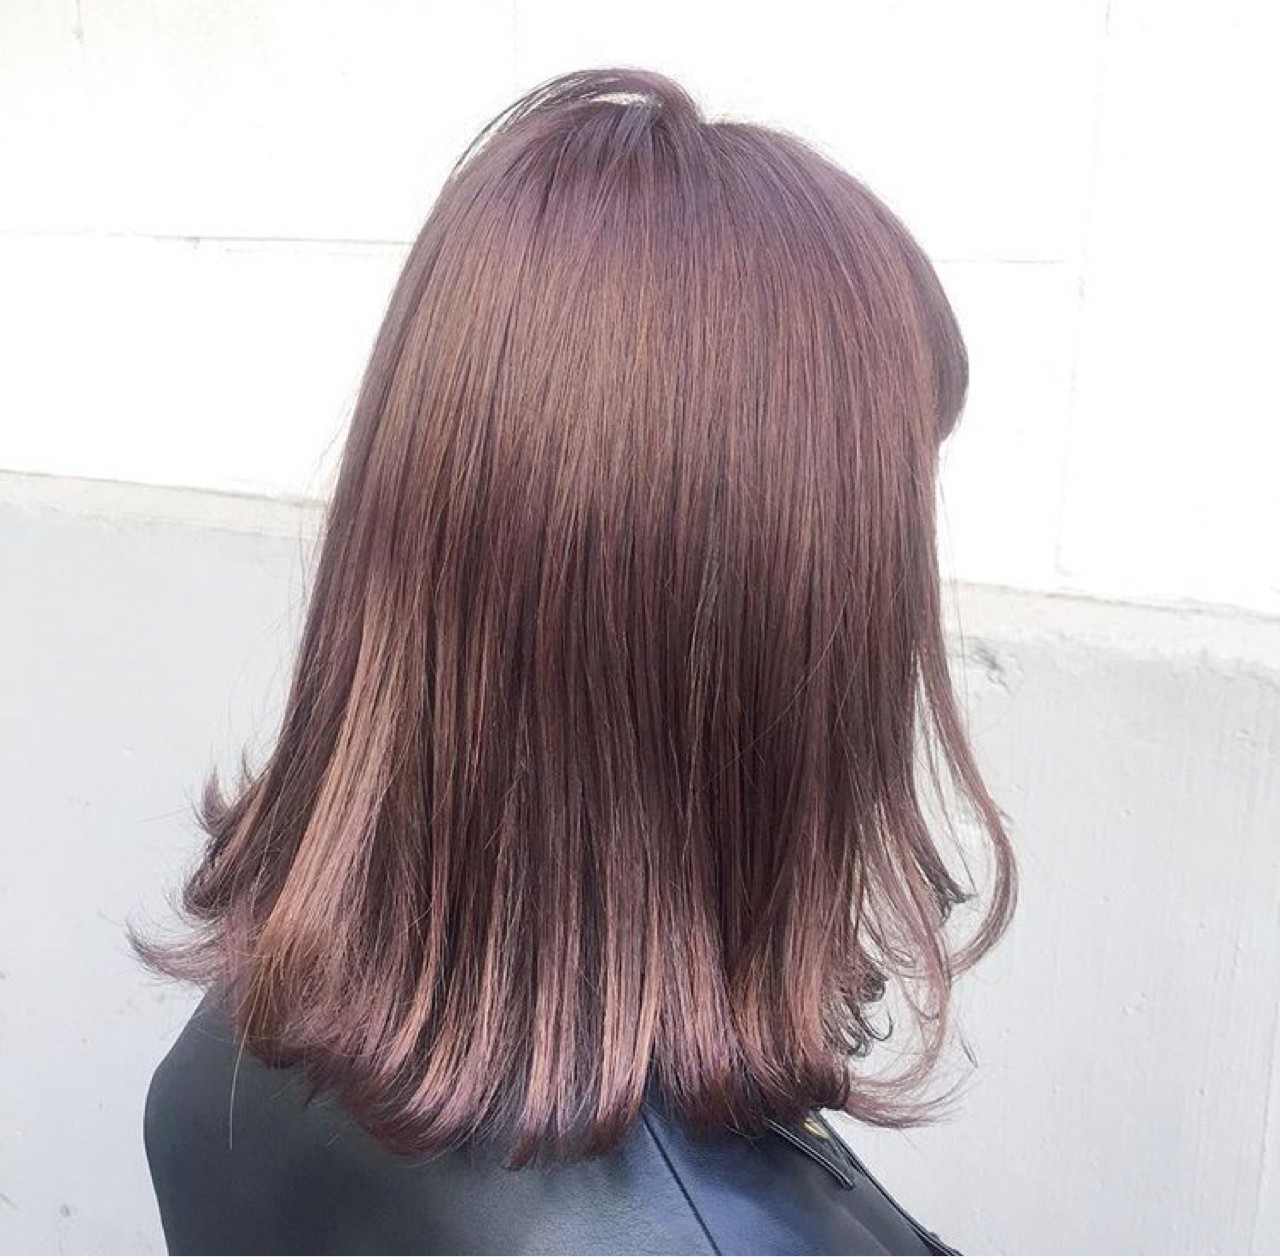 紫のヘアカラー特集♡甘ずっぱいベリーのような愛されヘアにの11枚目の画像